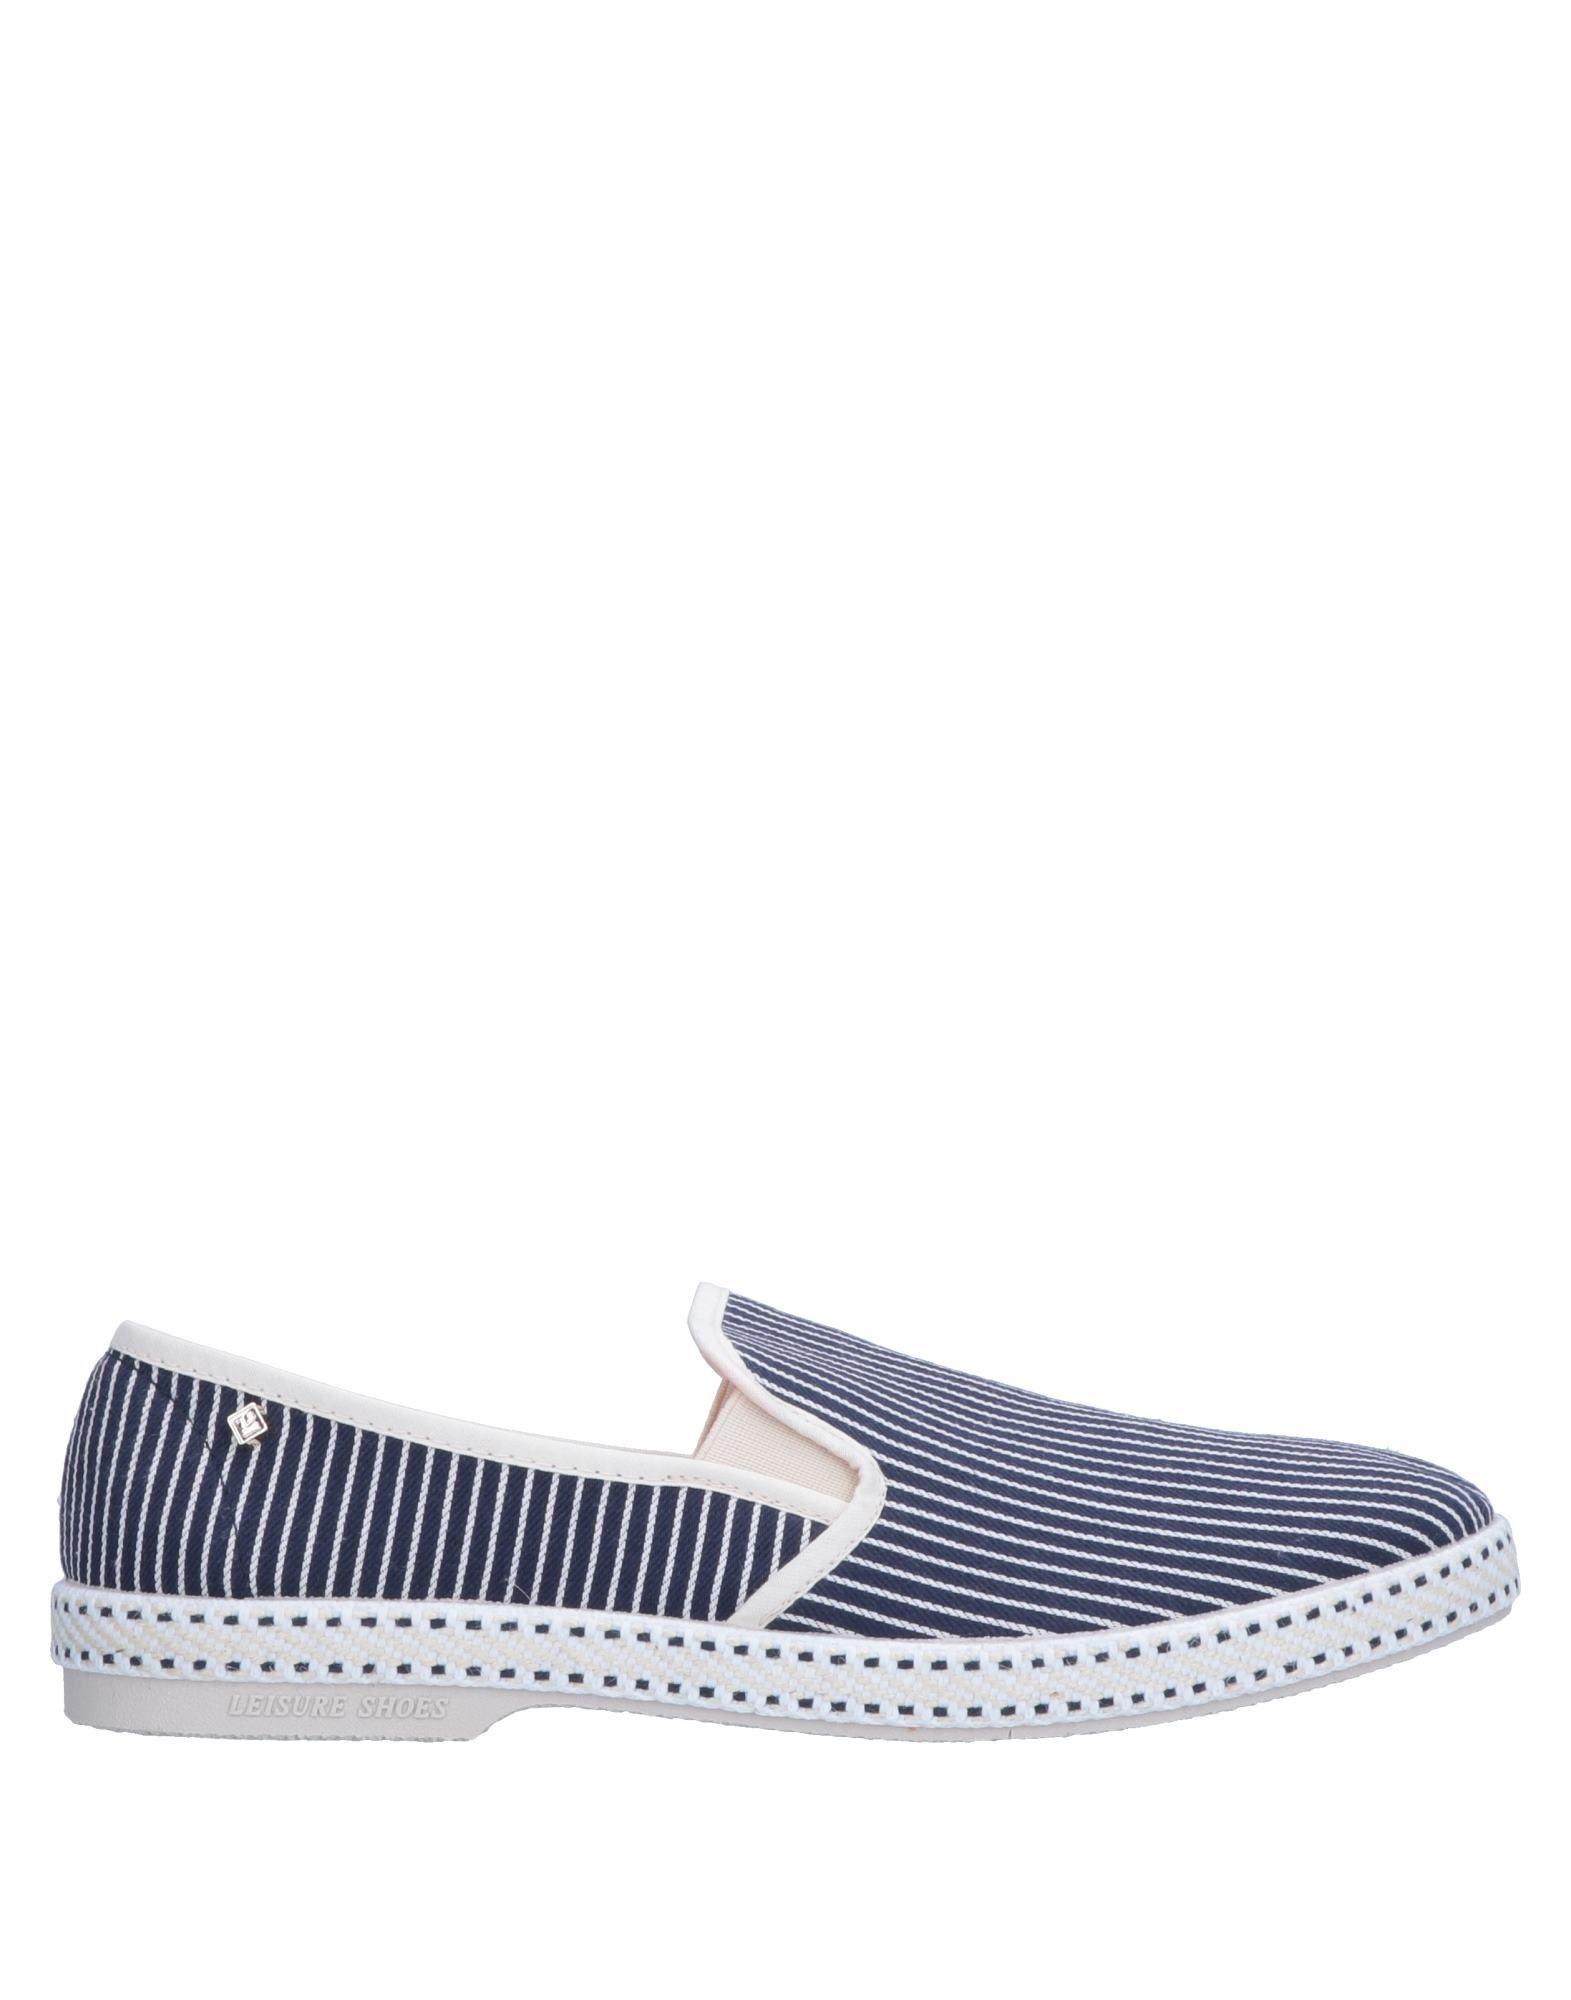 Sneakers Rivieras Uomo - 11547253MW Scarpe economiche e buone